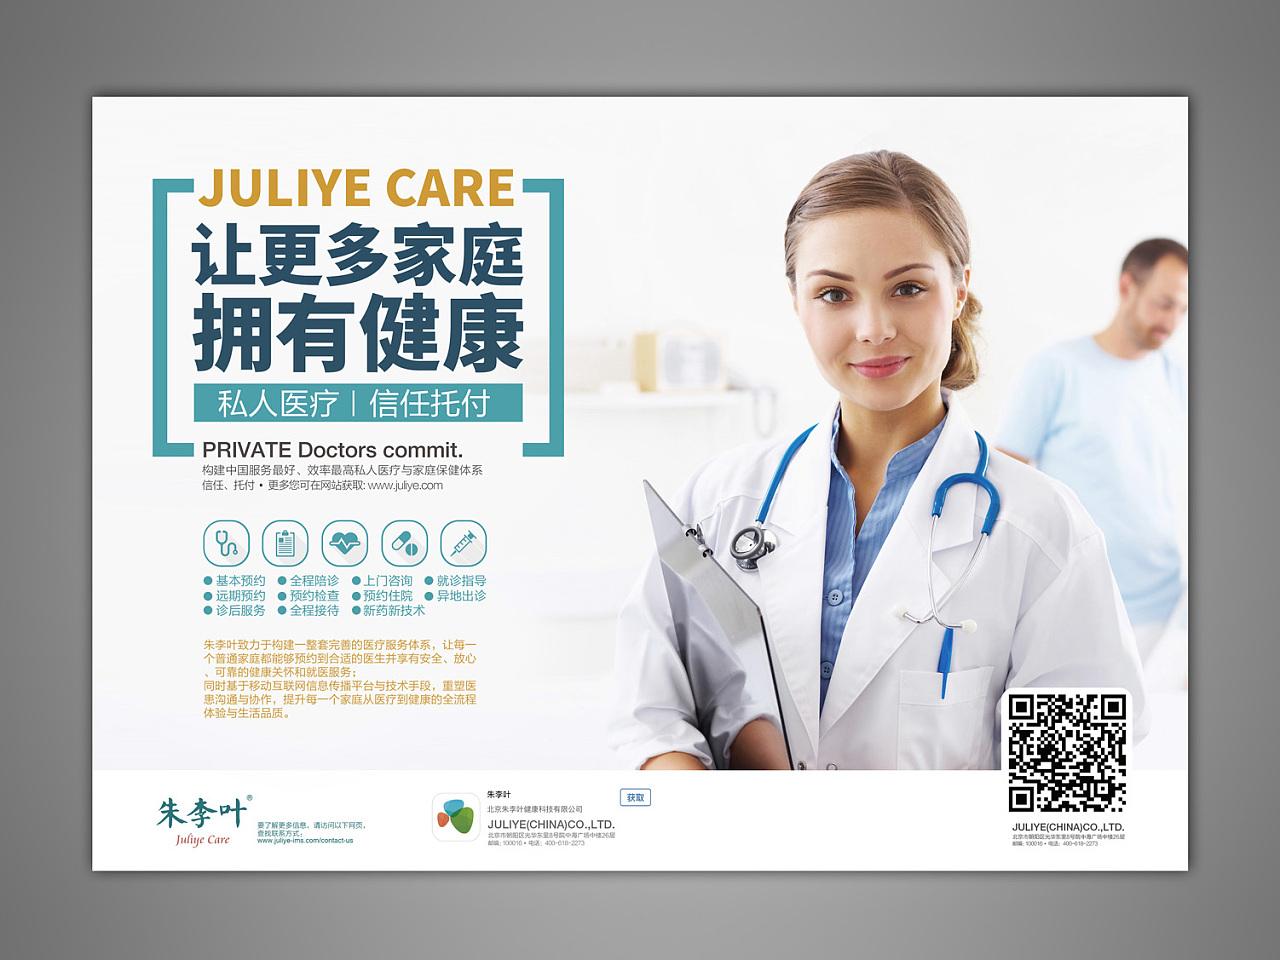 线上医疗器械画册,宣传单页,海报,科技,产品,户外,医生,治疗.